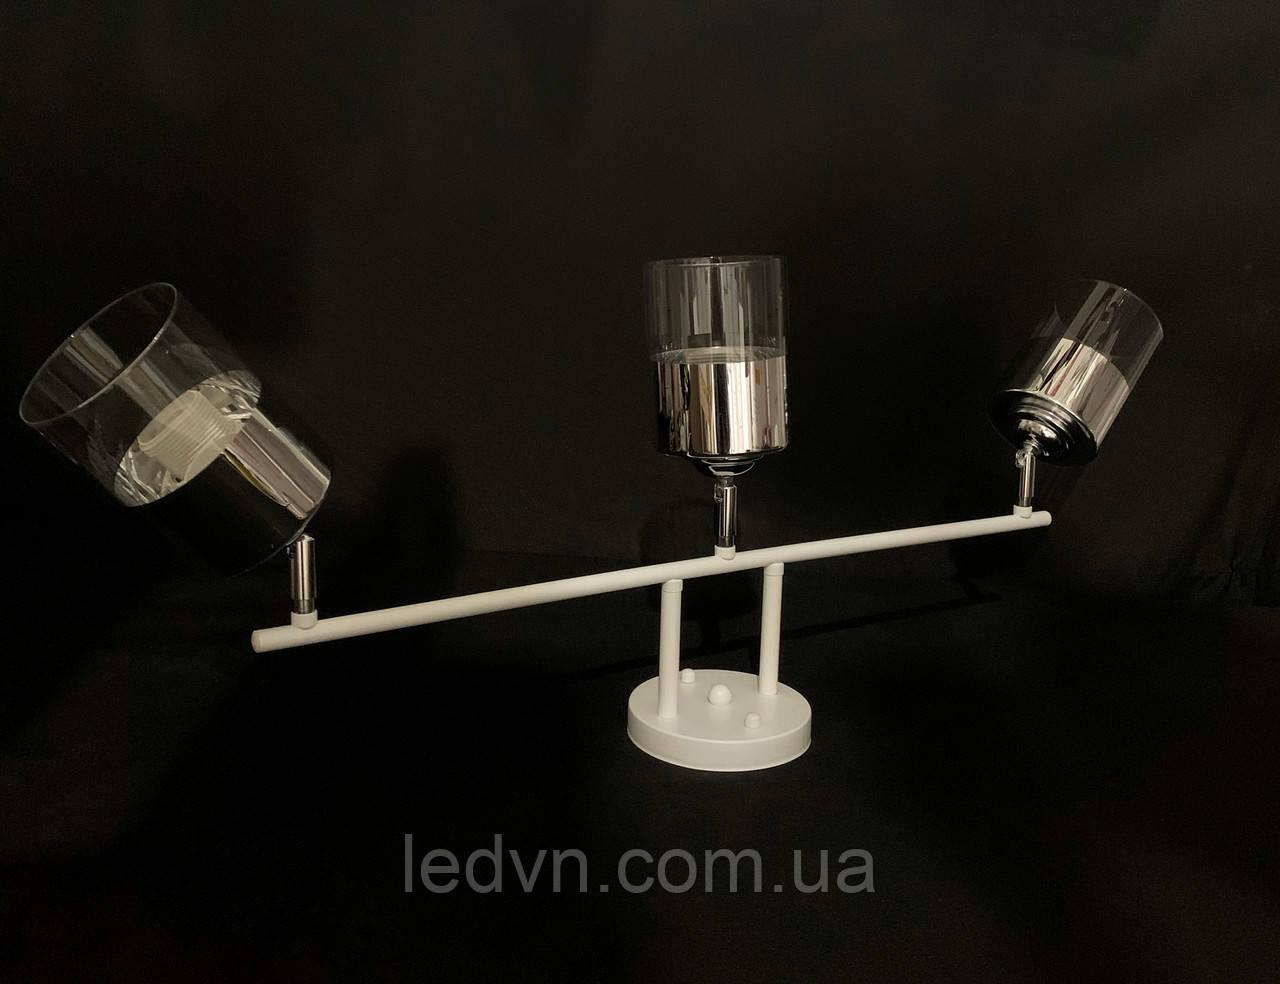 Потолочная люстра белая на 3 лампы с поворотными плафонами